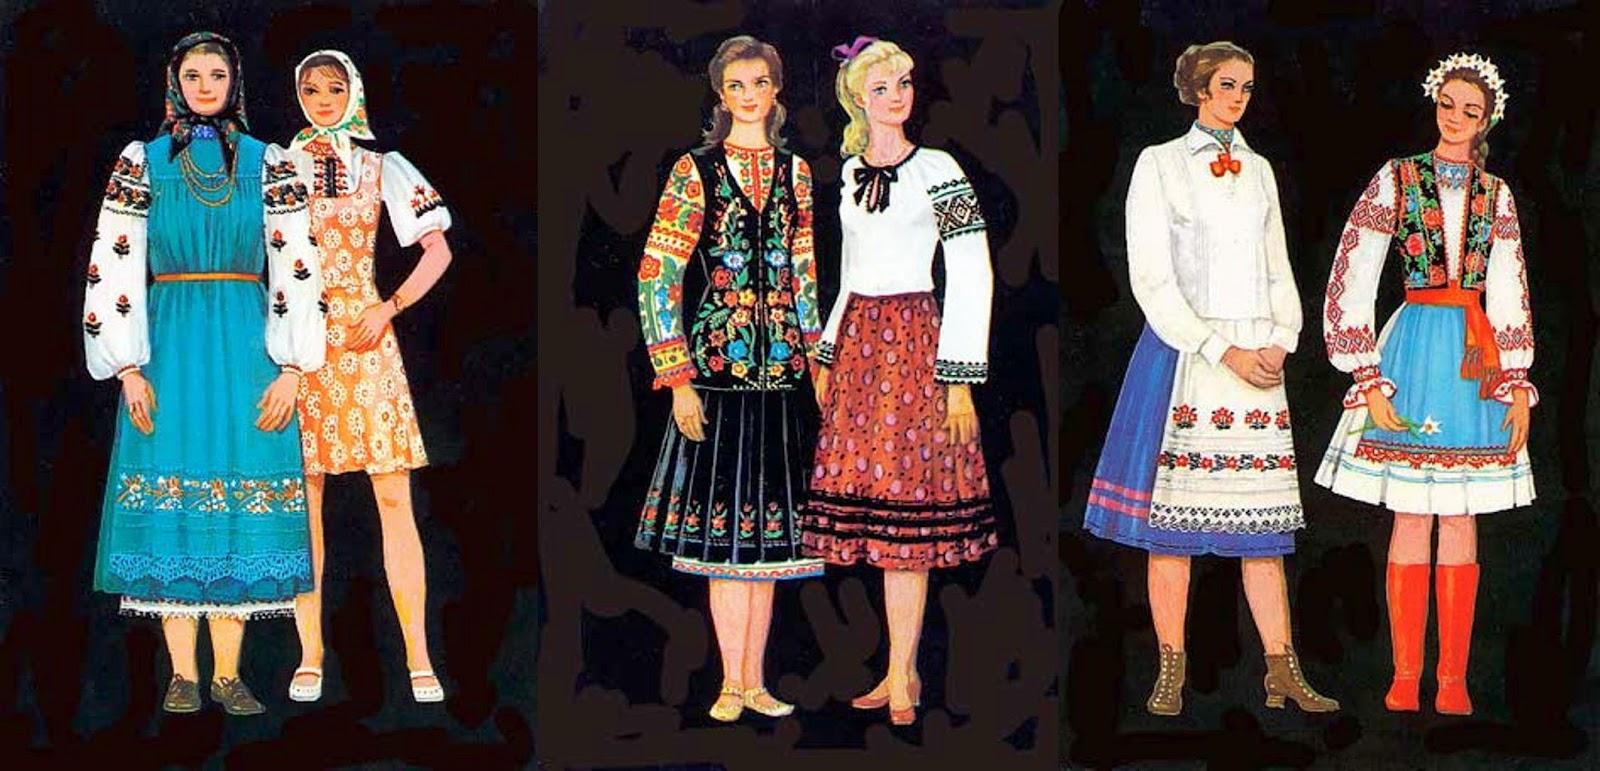 Сучасна мода функціонує в глобальному соціокультурному середовищі. Процеси  глобалізації в фешн-сфері cf701094541d5